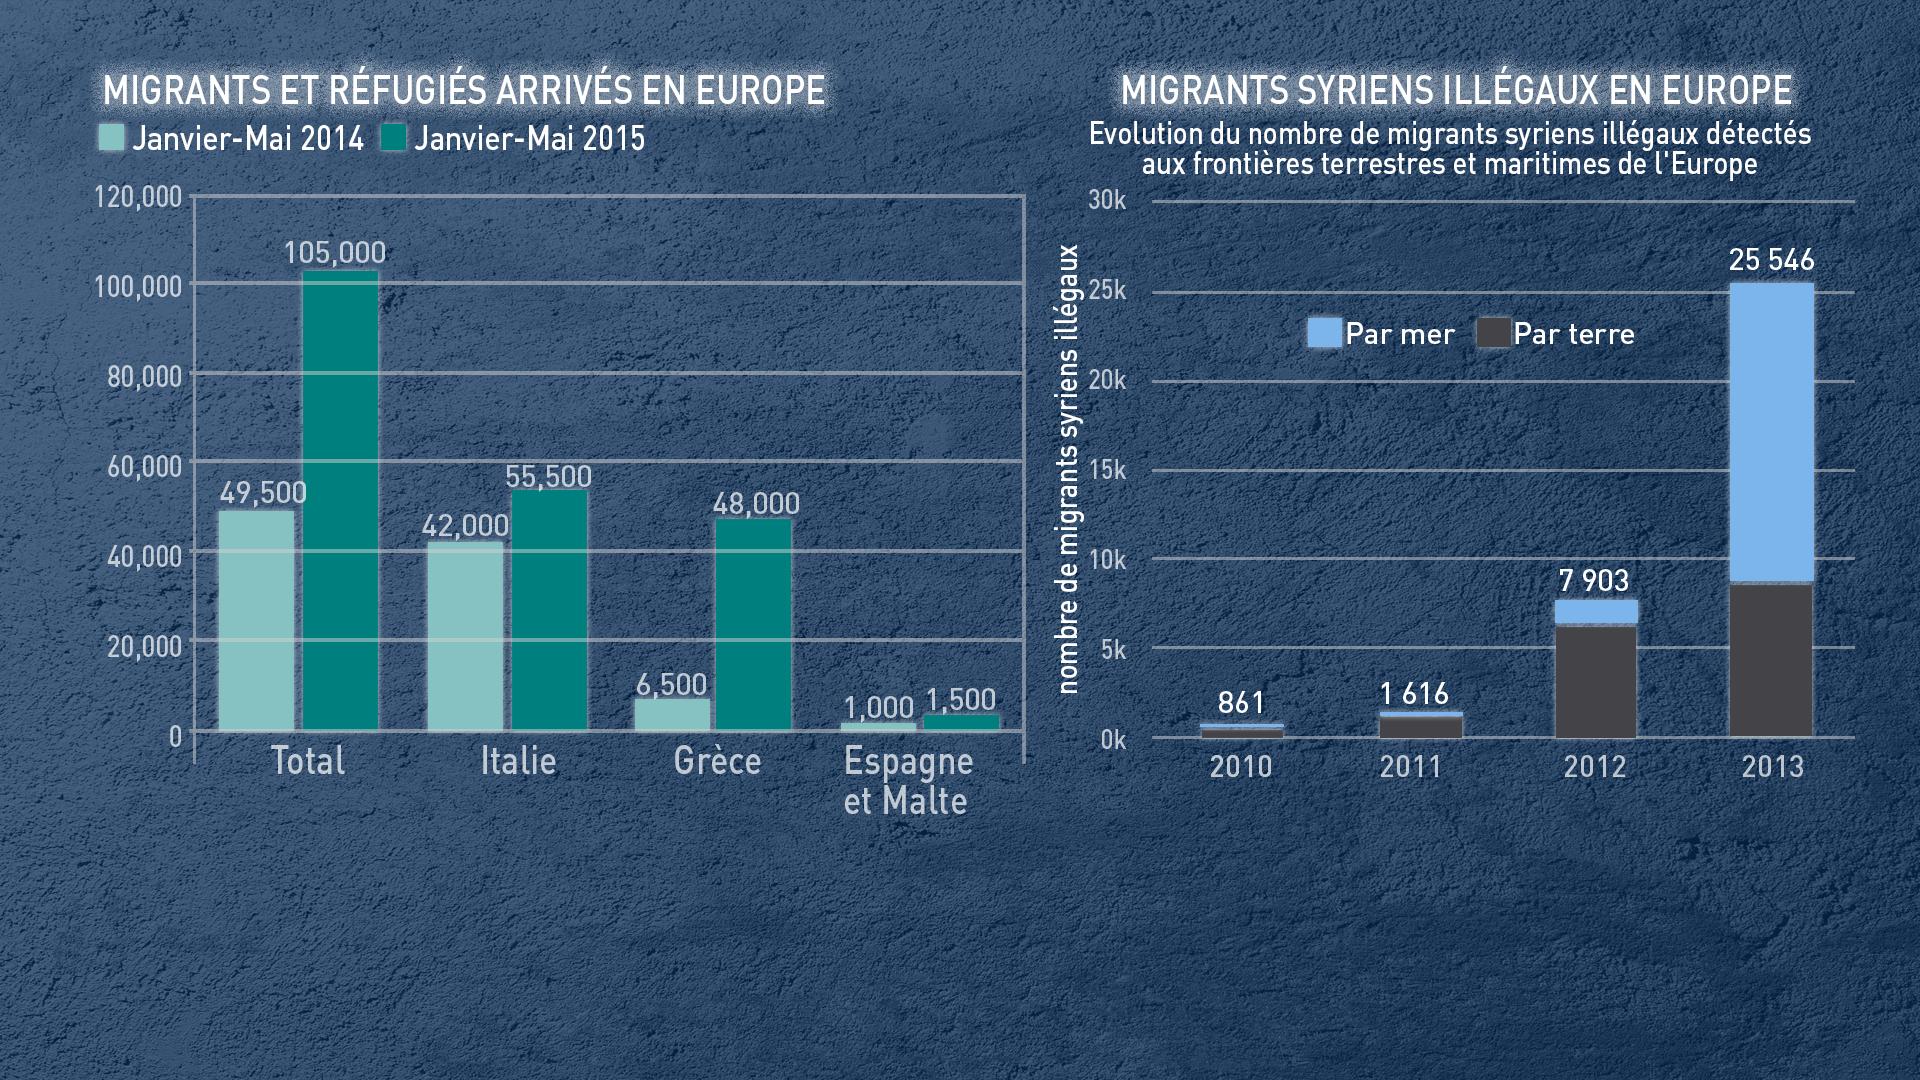 Migrants et réfugiés arrivés en Europe